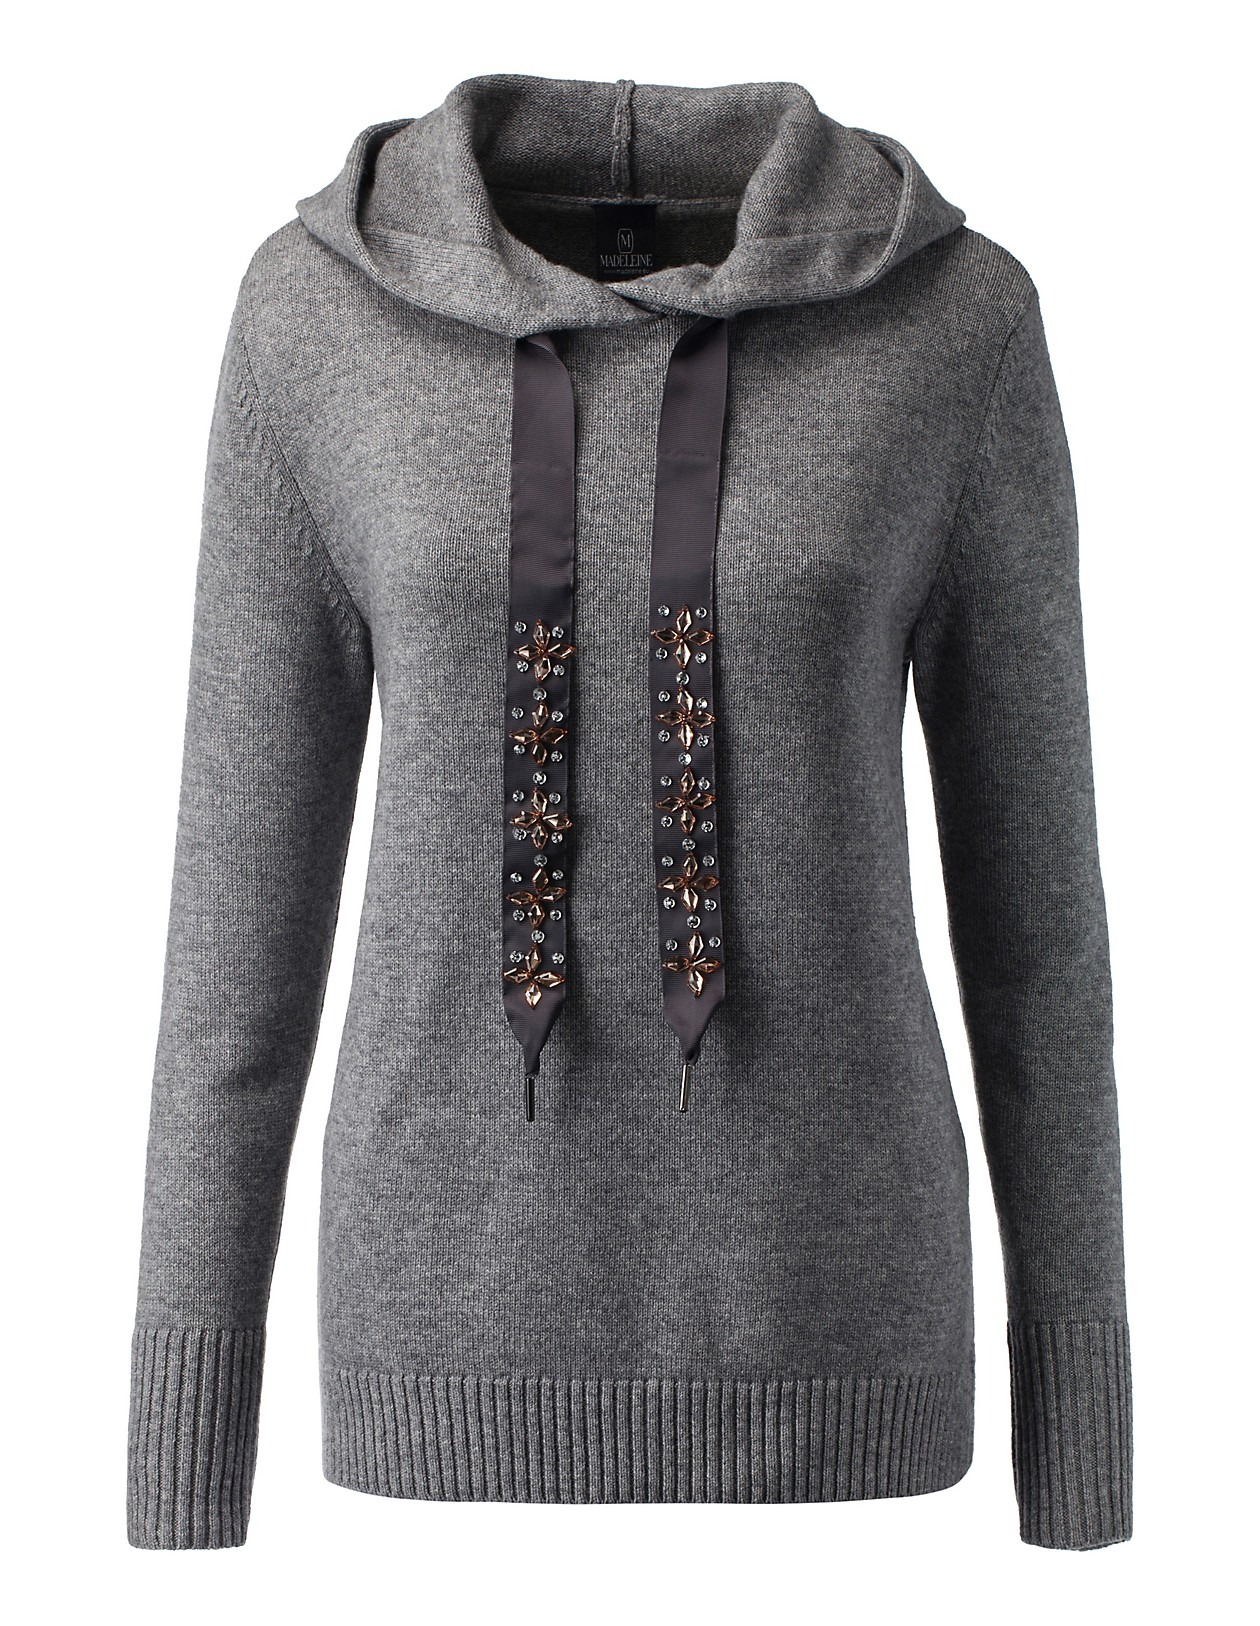 Strickpullover im lässigen Sweatshirt Stil, graumelange, grau